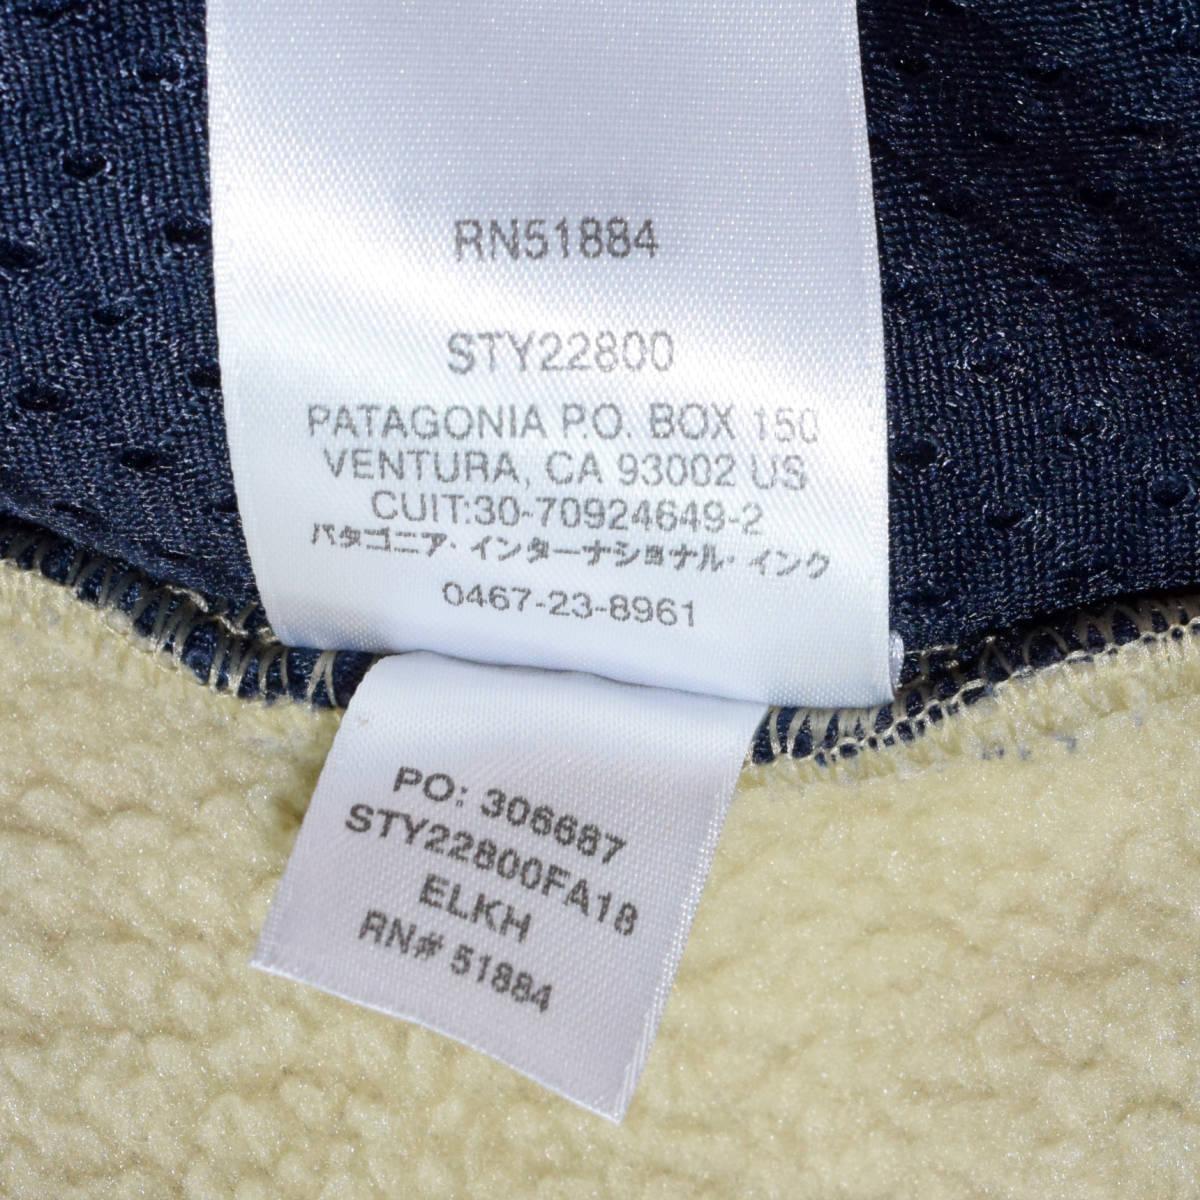 送料無料!人気カラー patagonia パタゴニア MEN'S retro pile jacket S サイズ レトロパイル ジャケット レトロX 希少22800FA18 ELKH_画像9